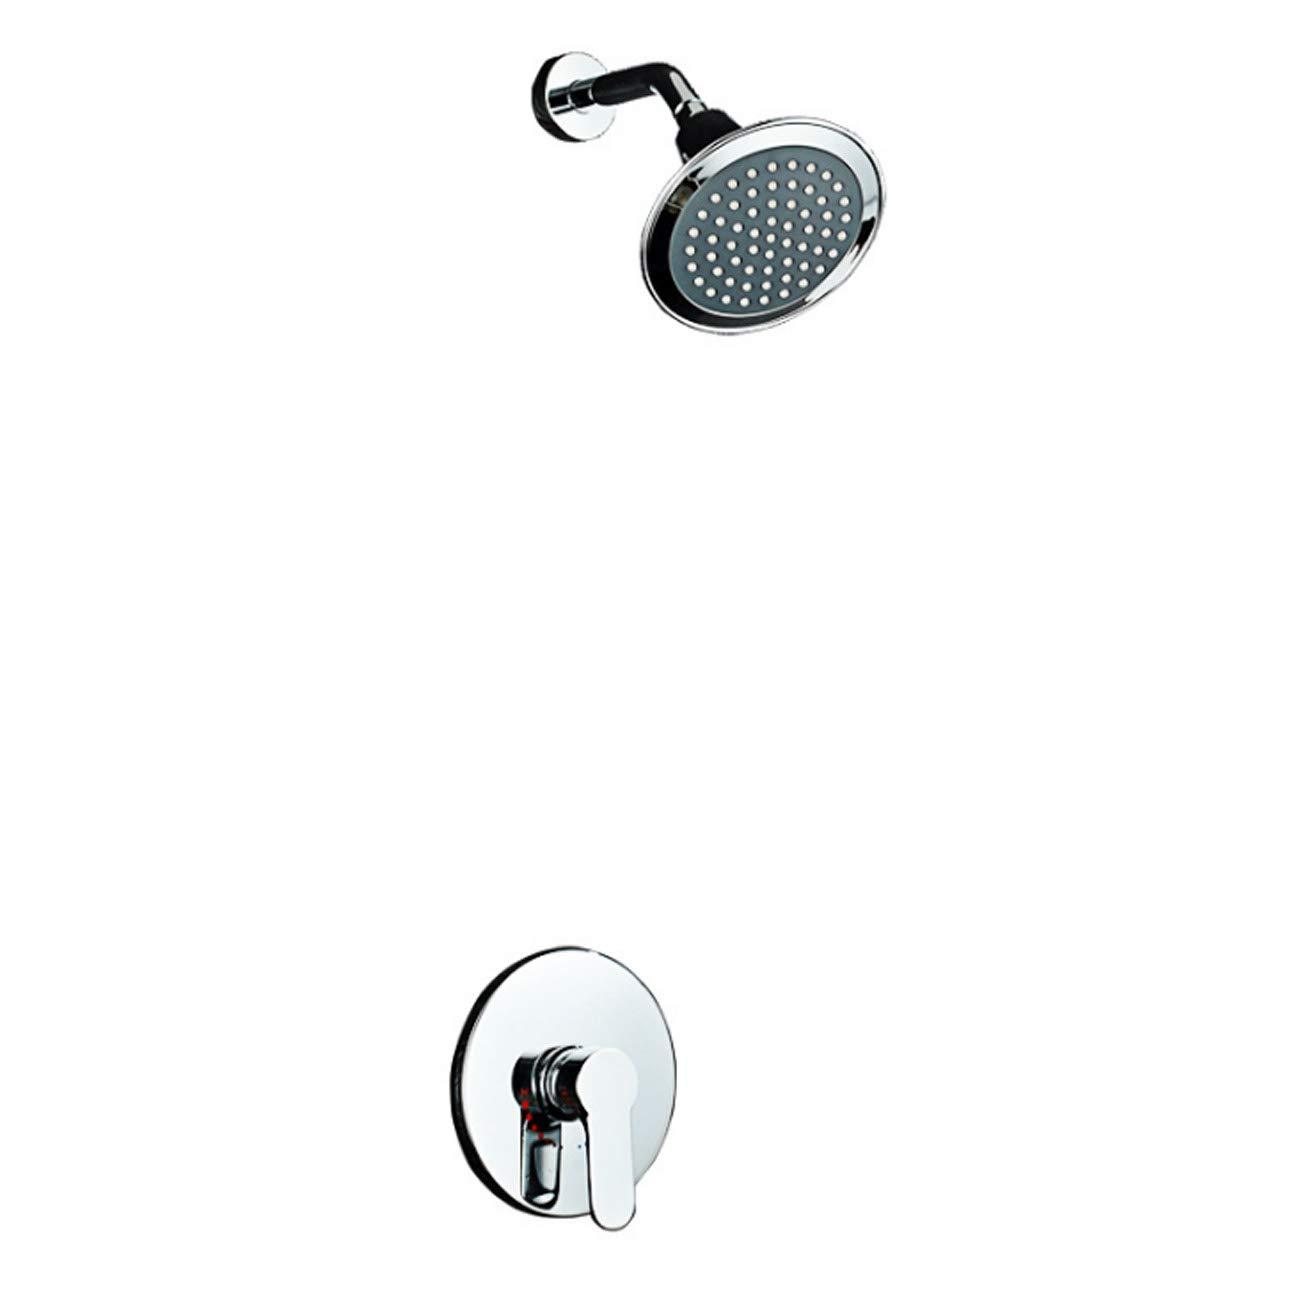 人気の ホテルのジムシャワーの蛇口のための ABS Embeddedbox ホーントップシャワー付きの浴室シンプルな隠しシャワーシステムのための隠された壁マウントシャワーミキサーセット,Embeddedbox Embeddedbox ABS B07P5BZZN8 B07P5BZZN8, 盛岡じゃじゃめん白龍:2e3ef7f9 --- arianechie.dominiotemporario.com